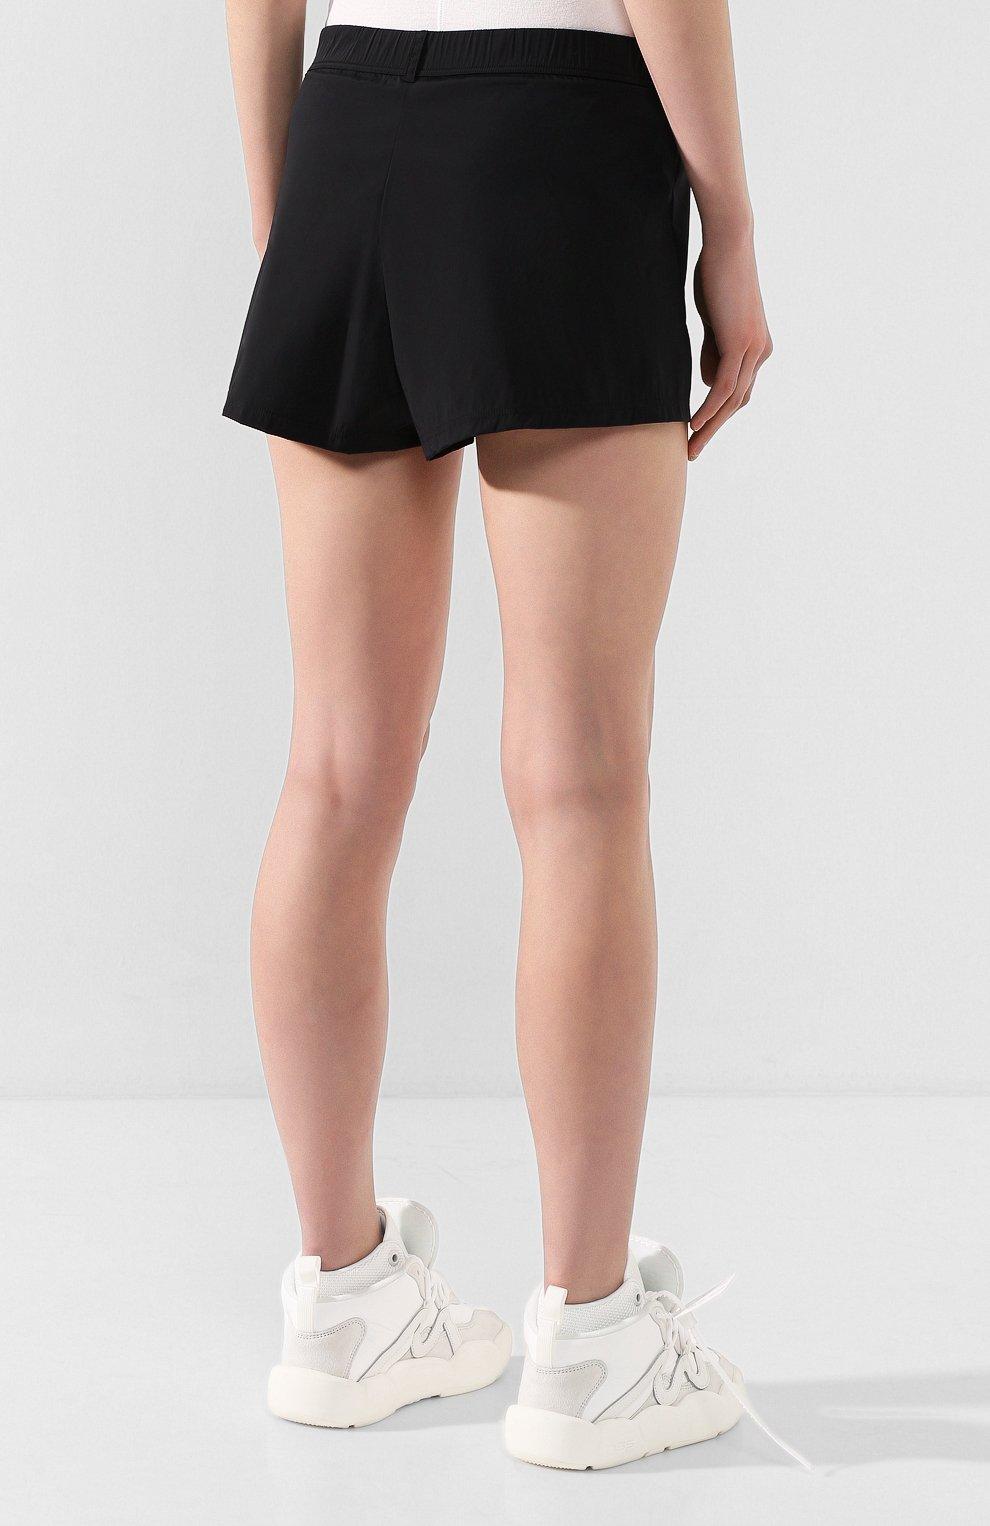 Женские шорты OFF-WHITE черного цвета, арт. 0WVH004S20FAB0011001   Фото 4 (Женское Кросс-КТ: Шорты-одежда; Длина Ж (юбки, платья, шорты): Мини; Материал внешний: Синтетический материал; Стили: Спорт-шик; Материал подклада: Синтетический материал)